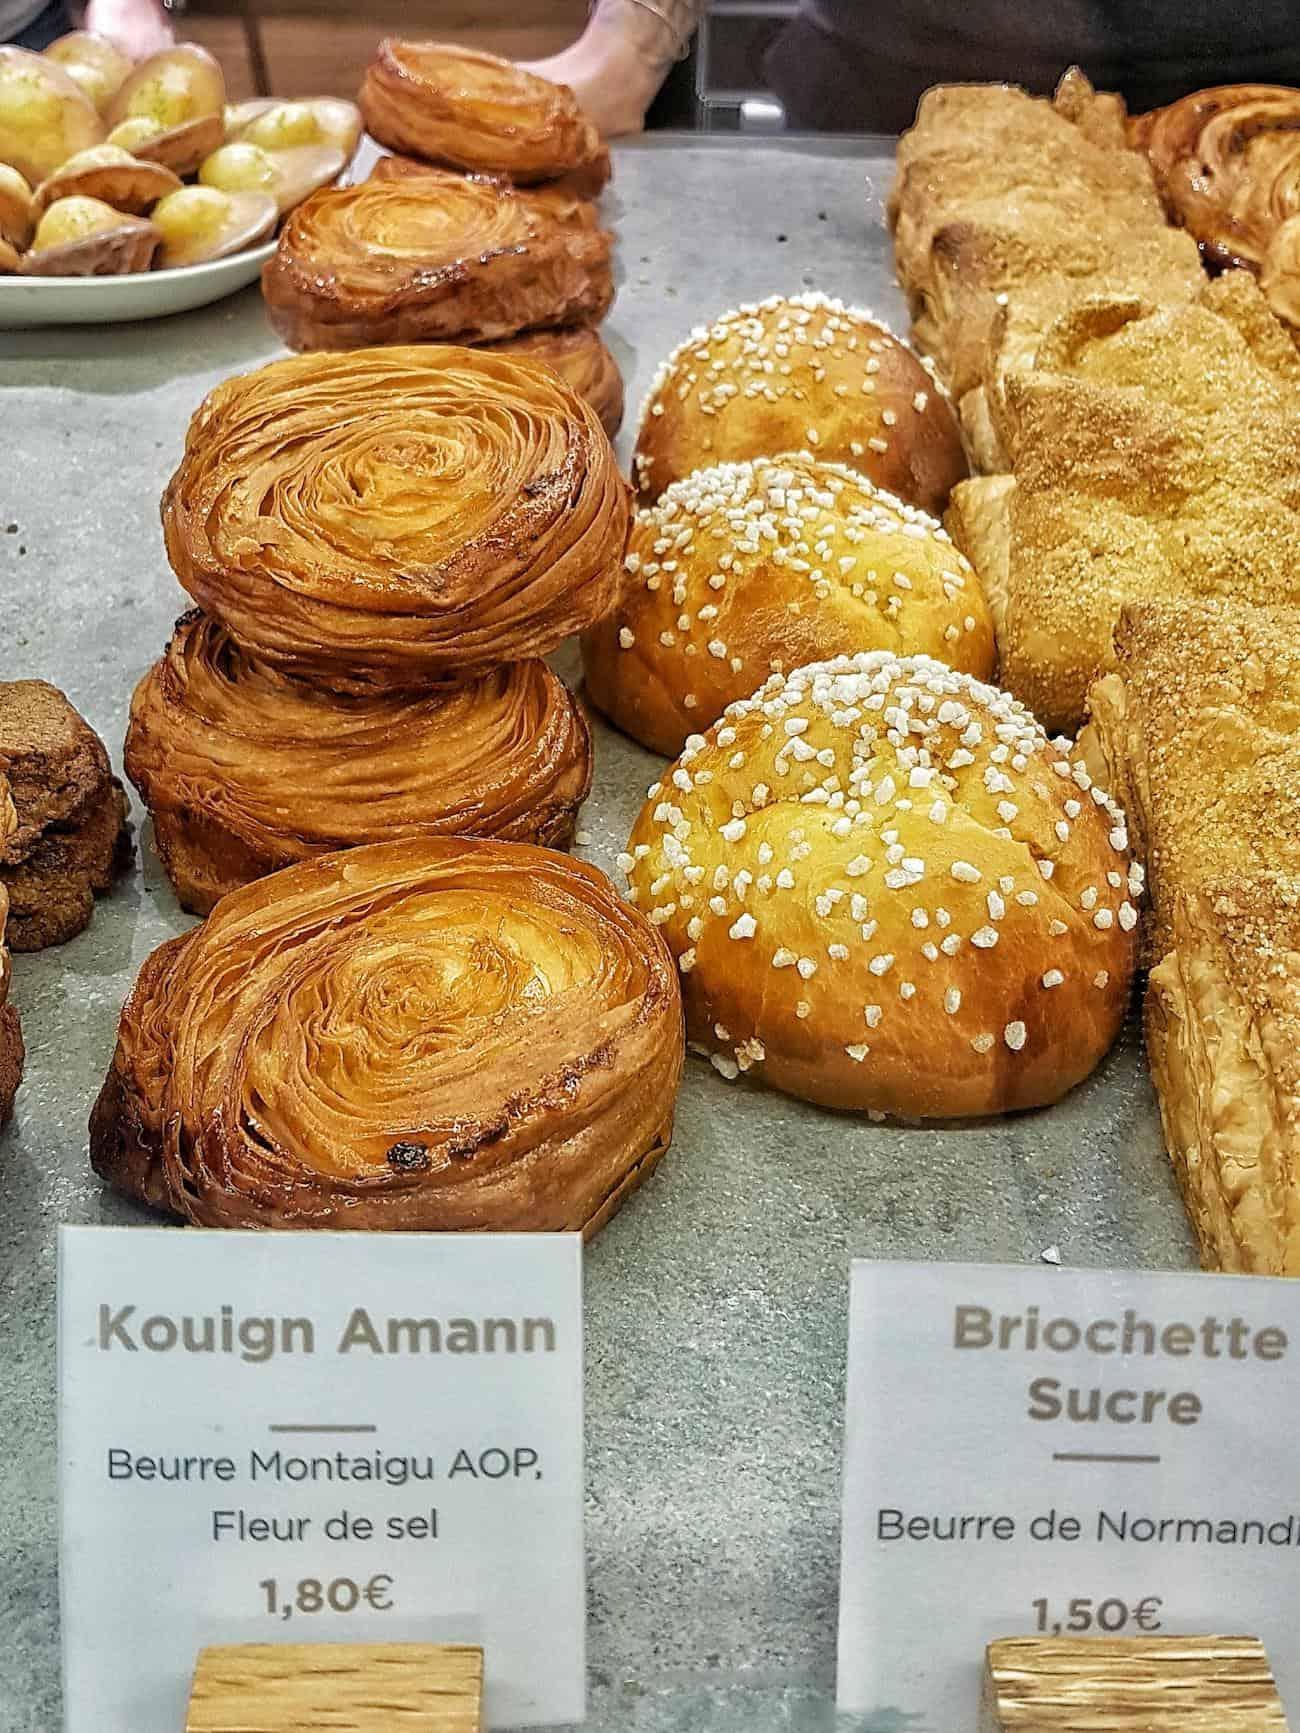 boetmie-boulangerie-rue-turbigo-paris